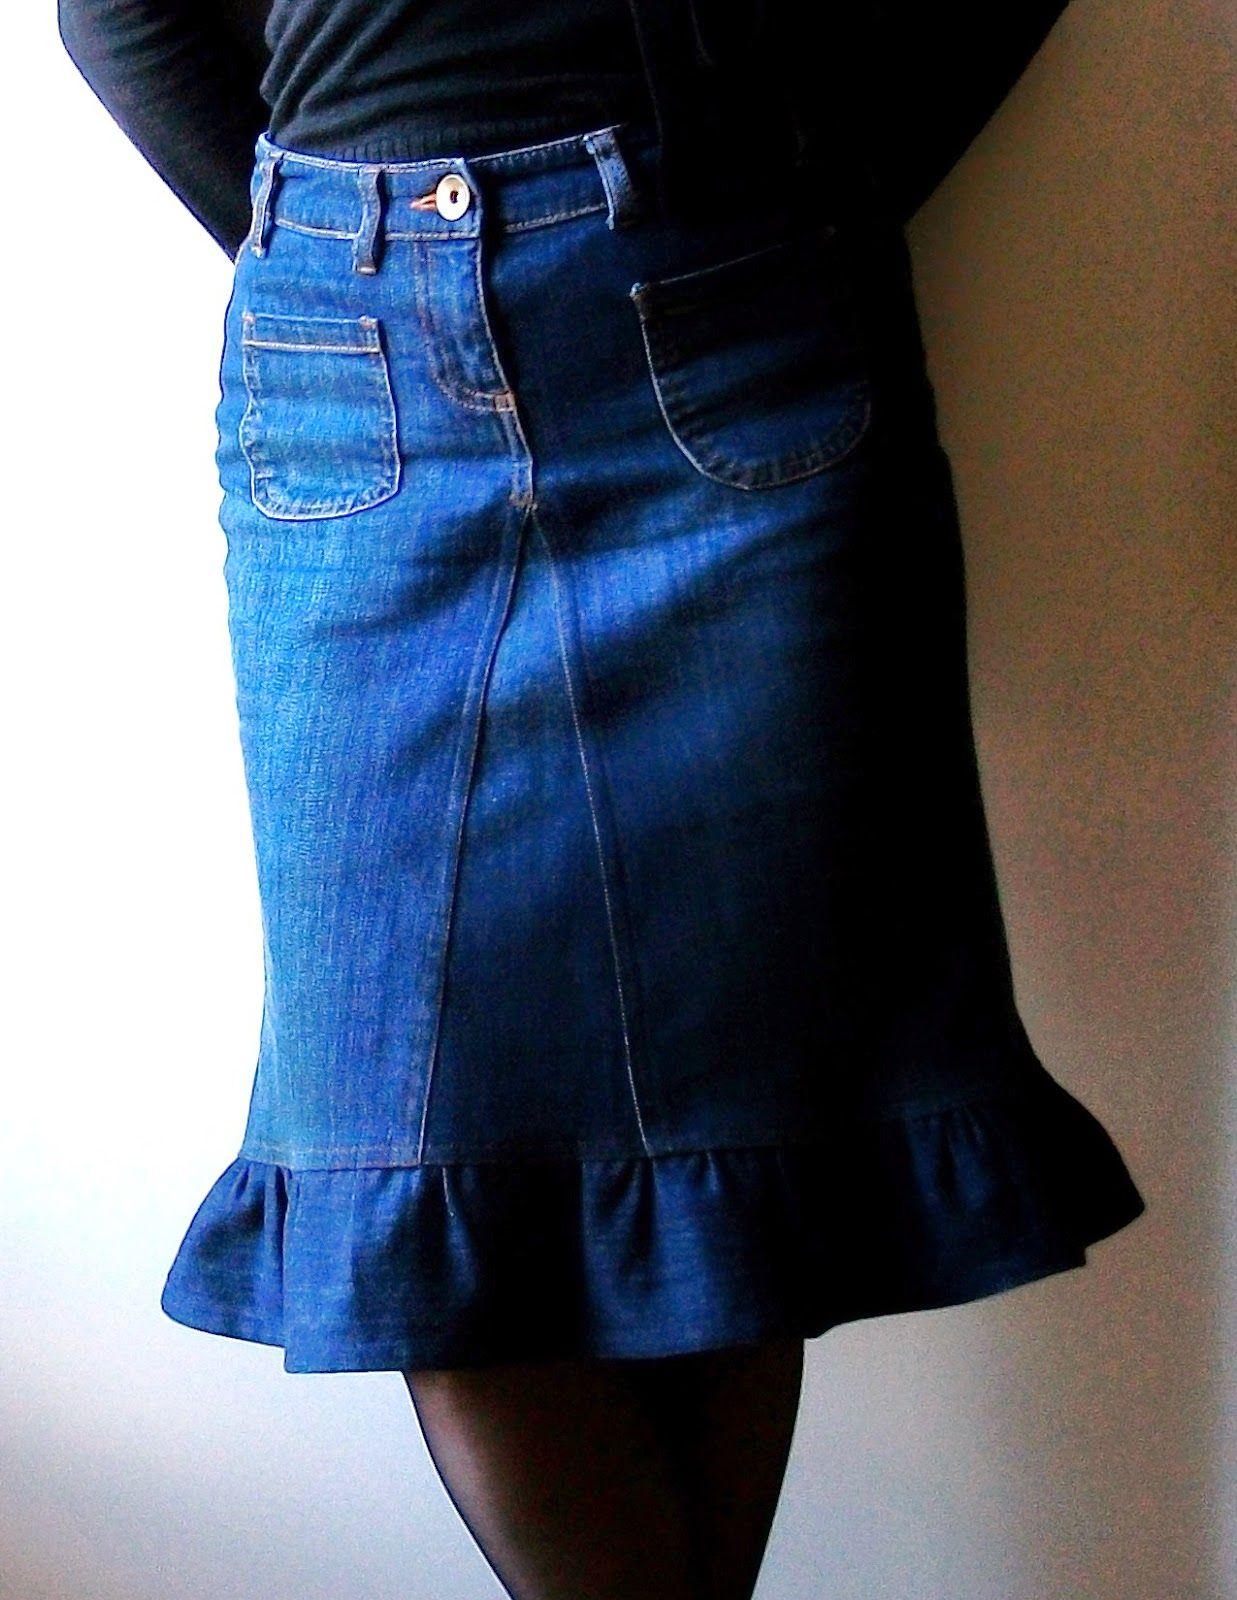 jeans denim devenus jupe volant autour de la couture. Black Bedroom Furniture Sets. Home Design Ideas